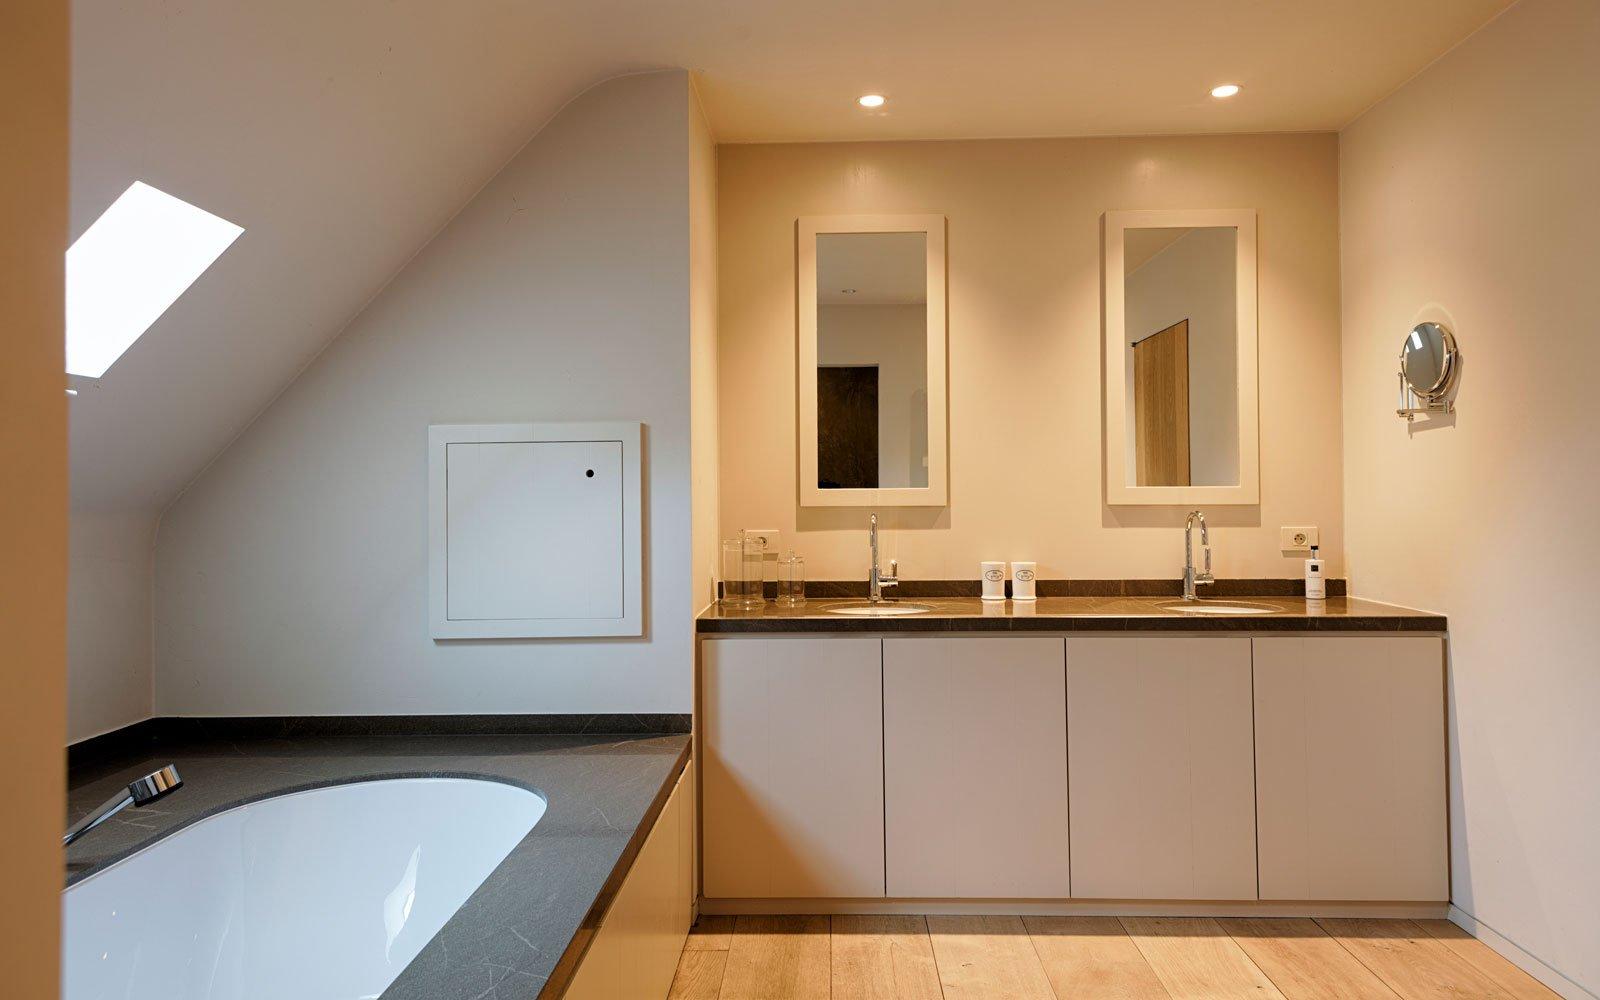 Badkamer, bad, houten vloer, sanitair, wastafel, Amerikaanse stijl